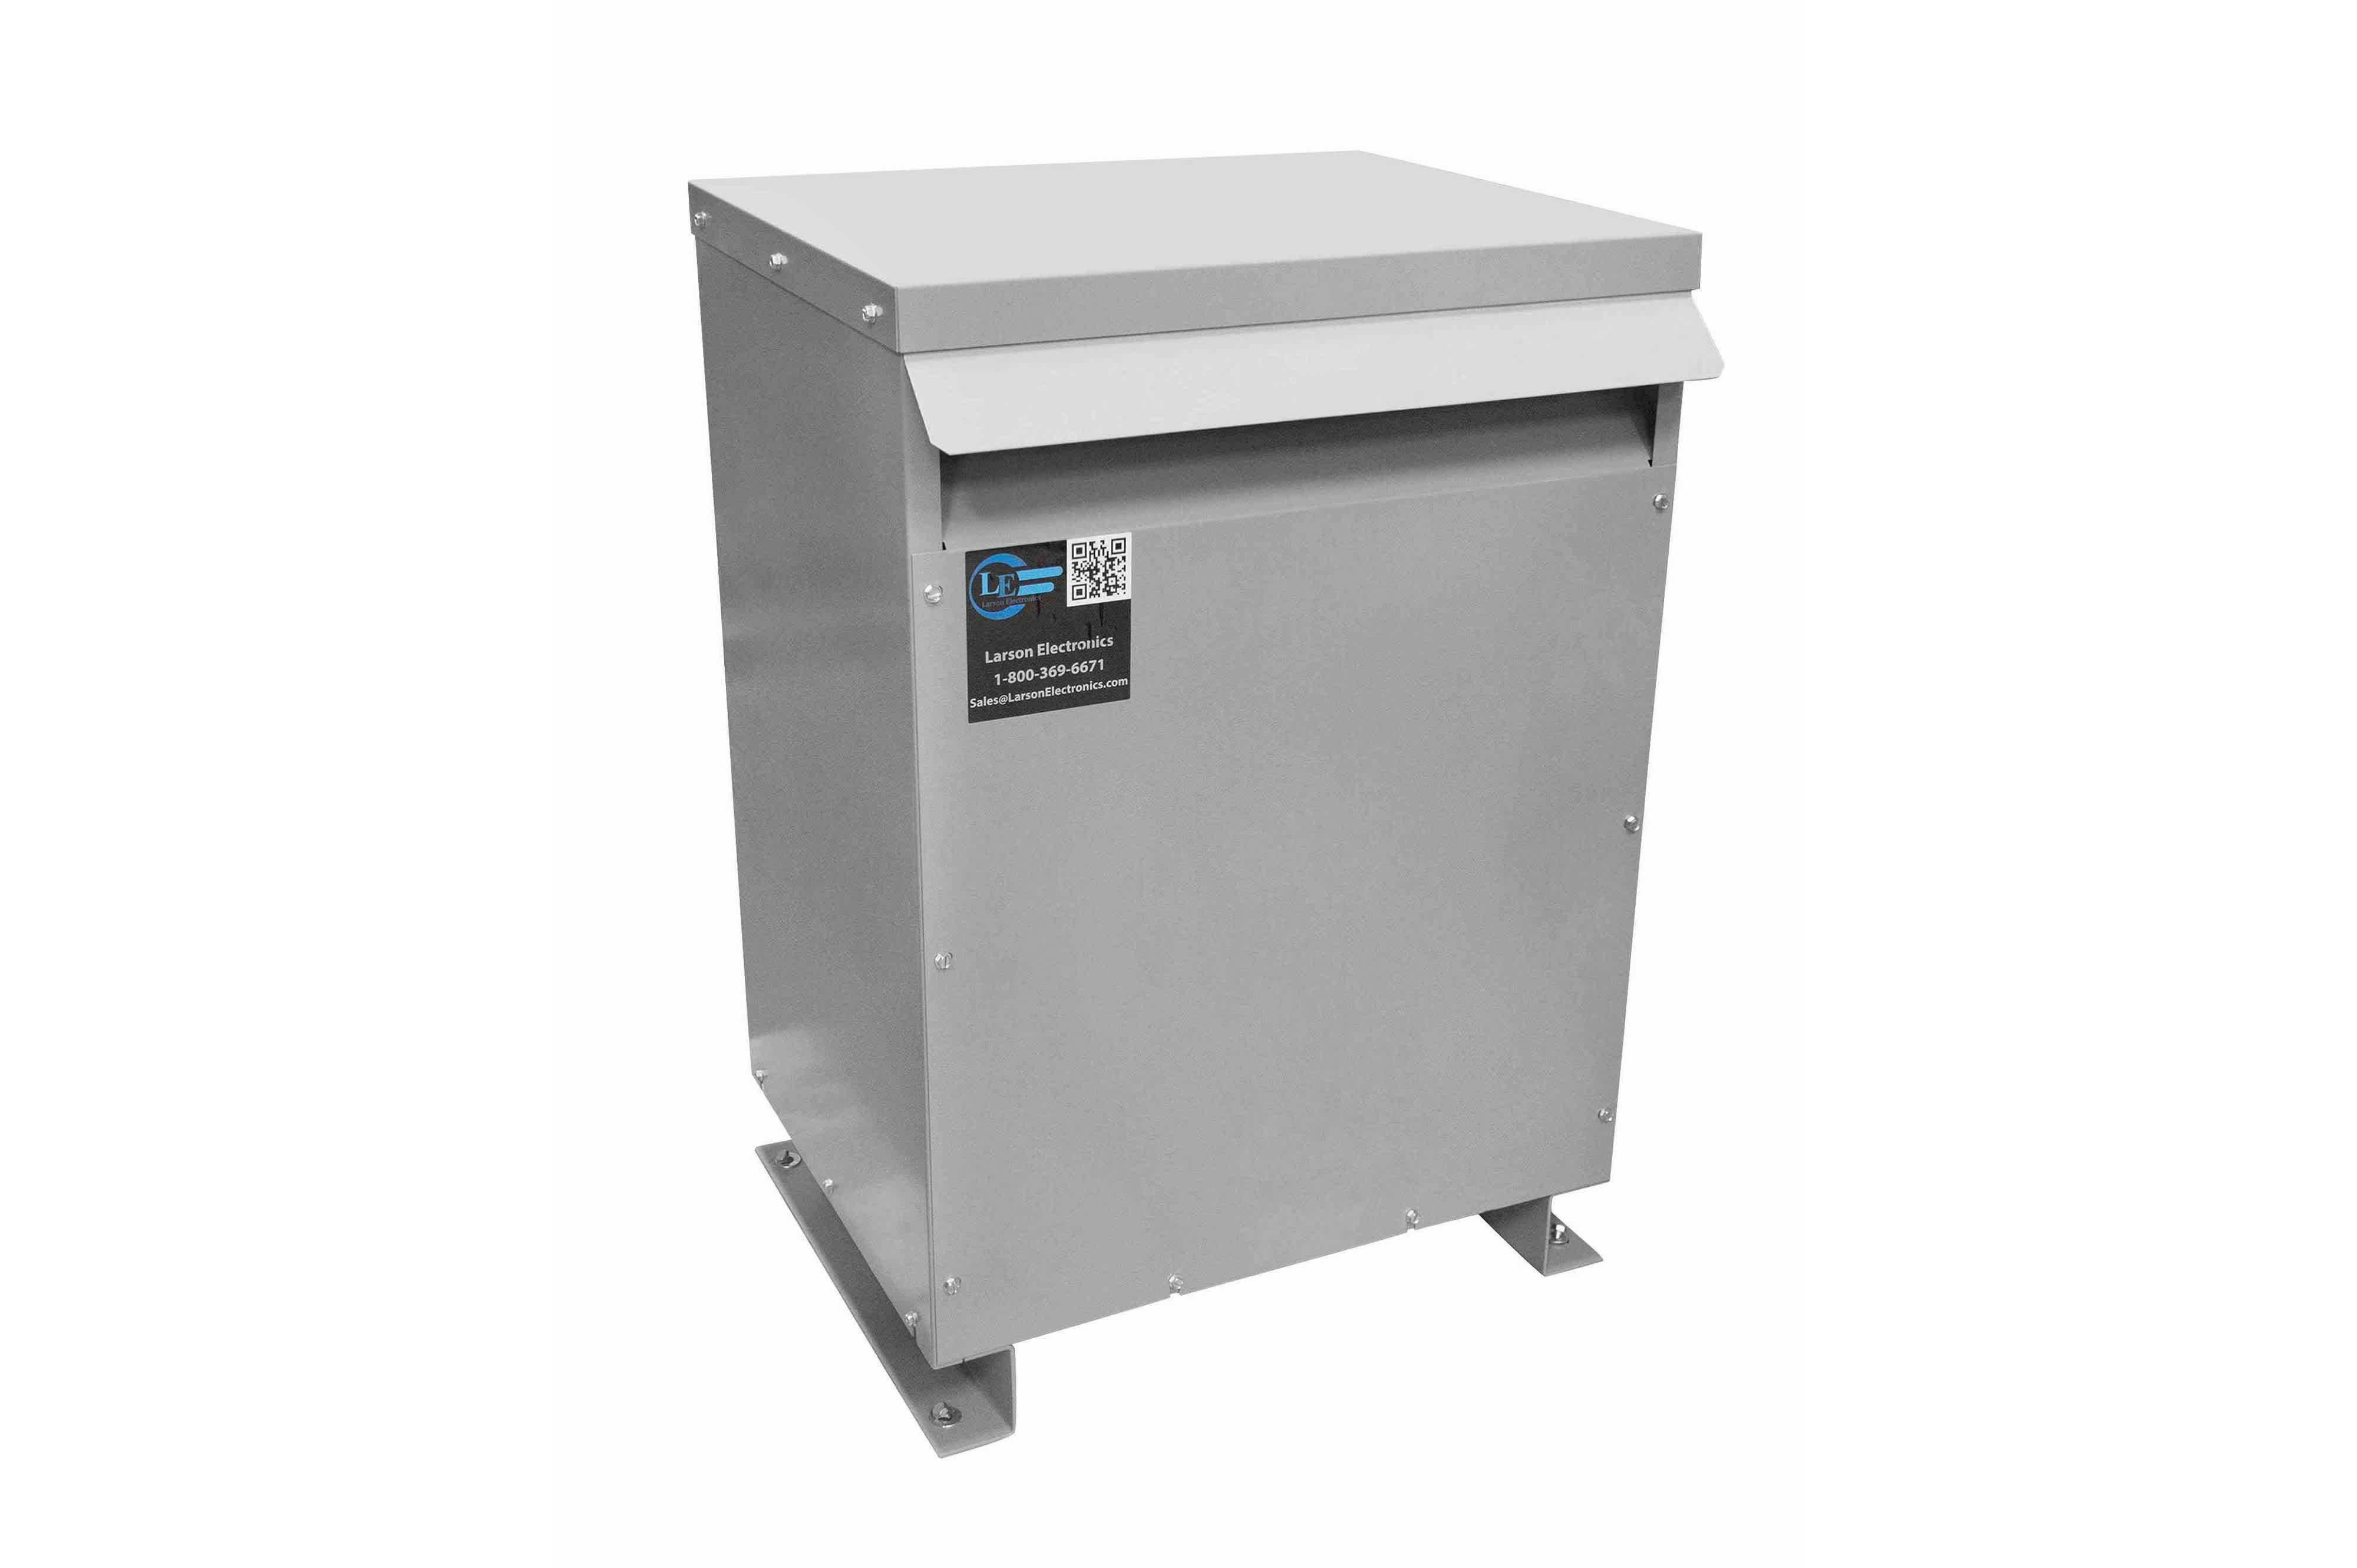 32.5 kVA 3PH Isolation Transformer, 380V Delta Primary, 480V Delta Secondary, N3R, Ventilated, 60 Hz